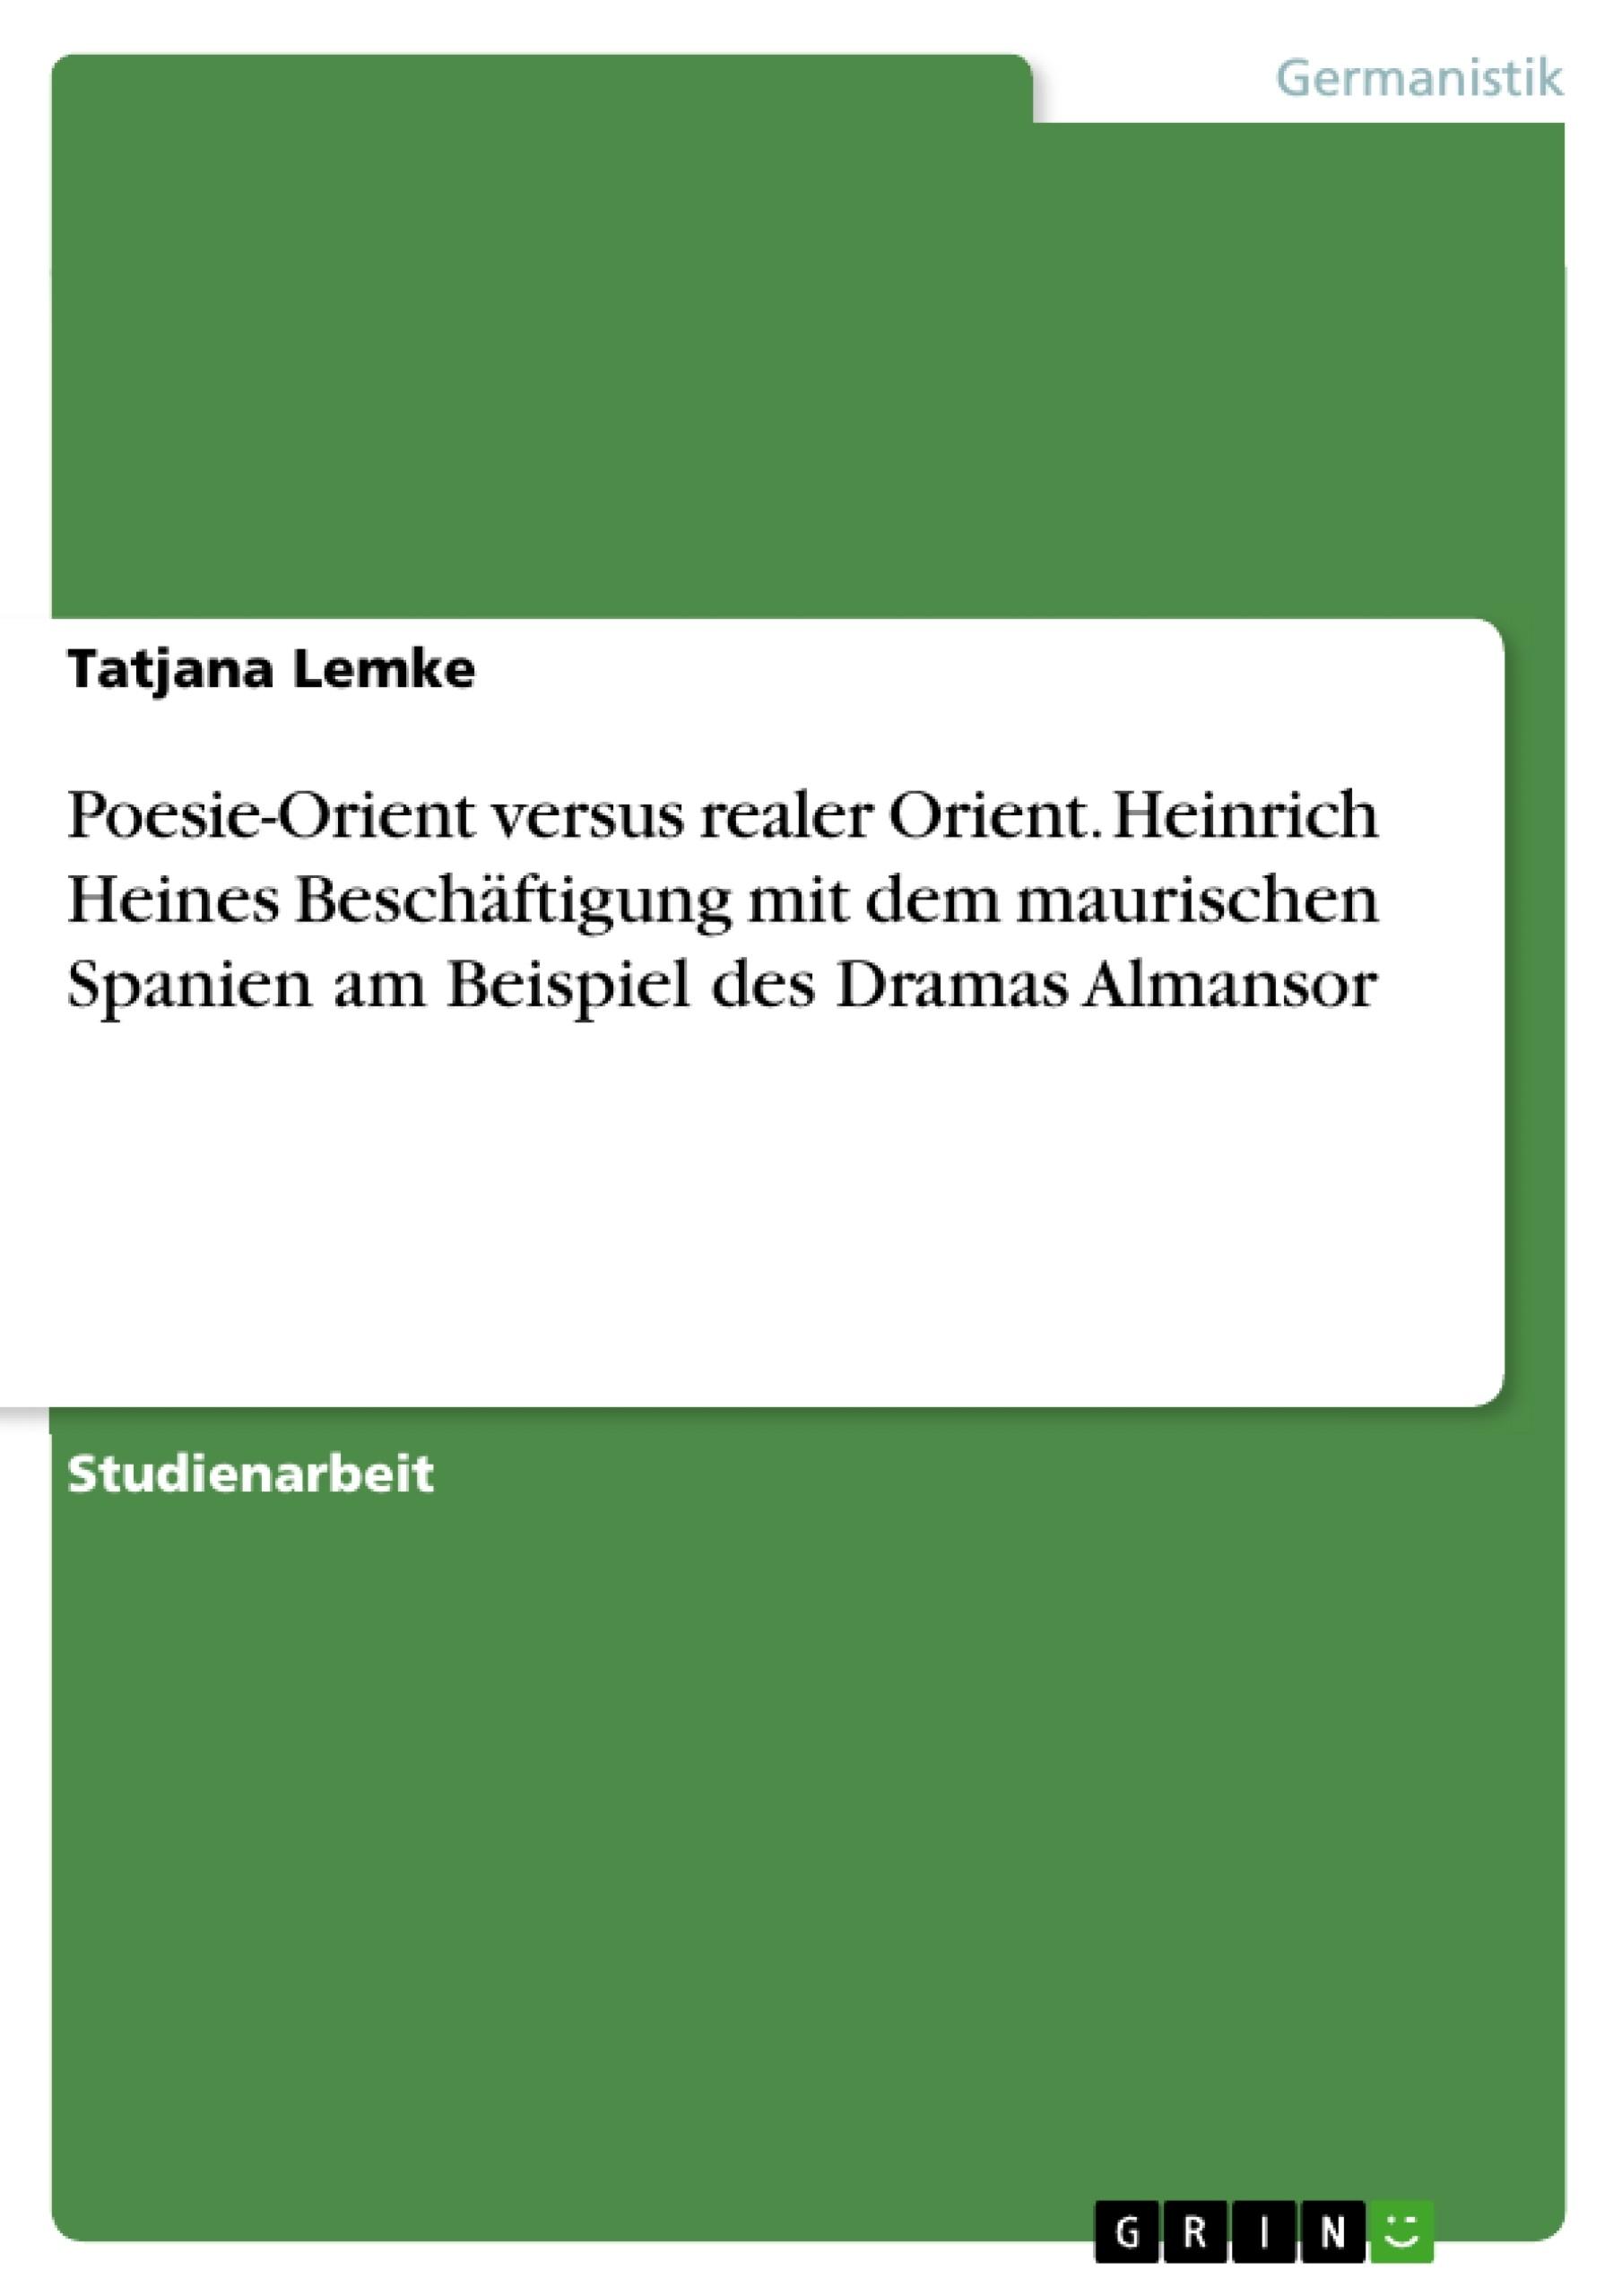 Titel: Poesie-Orient versus realer Orient. Heinrich Heines Beschäftigung mit dem maurischen Spanien am Beispiel des Dramas Almansor